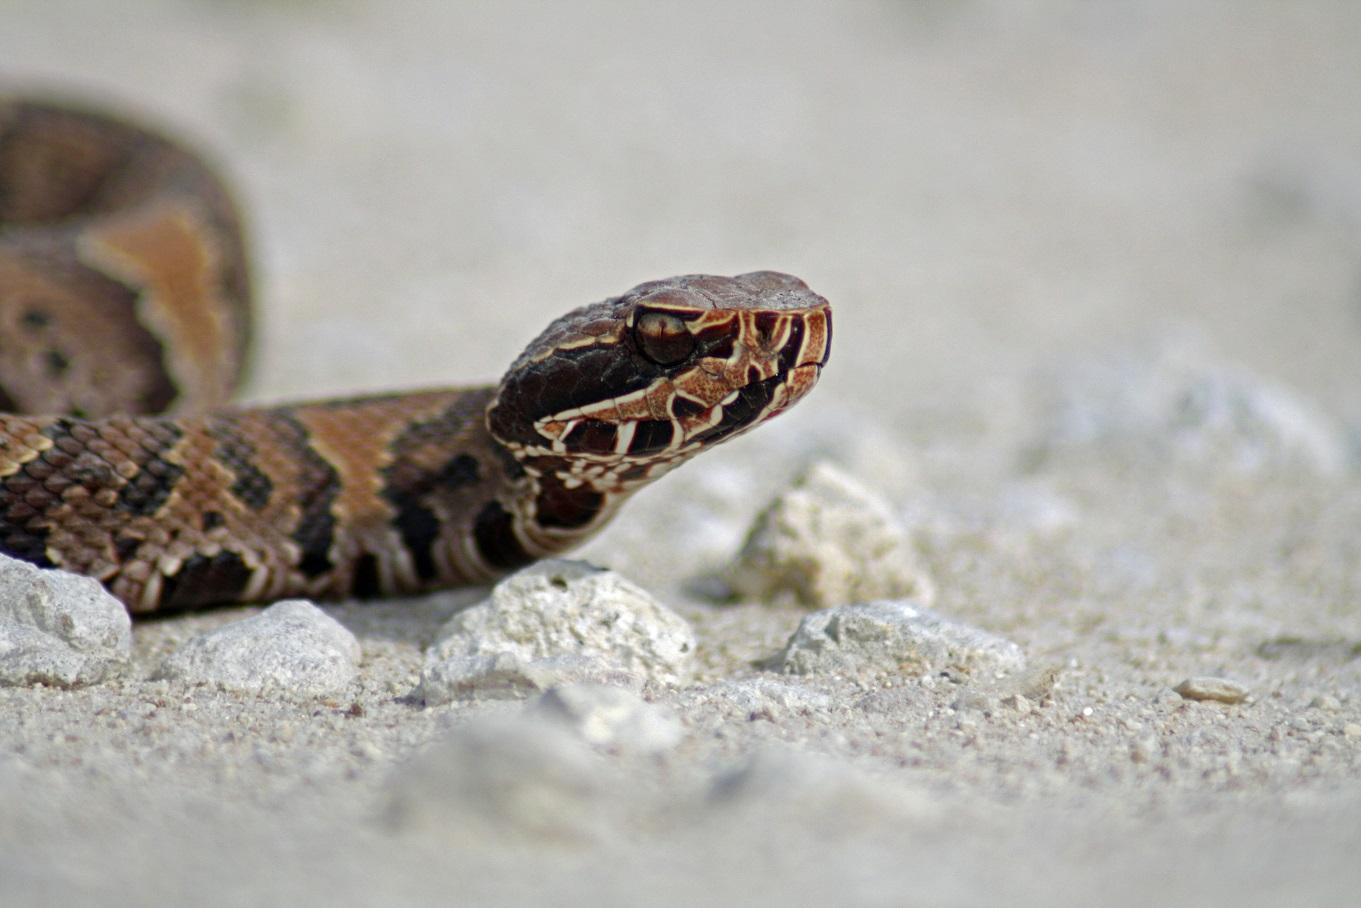 Wassermokassin - Cottonmouth (Agkistrodon piscivorus conanti).jpg